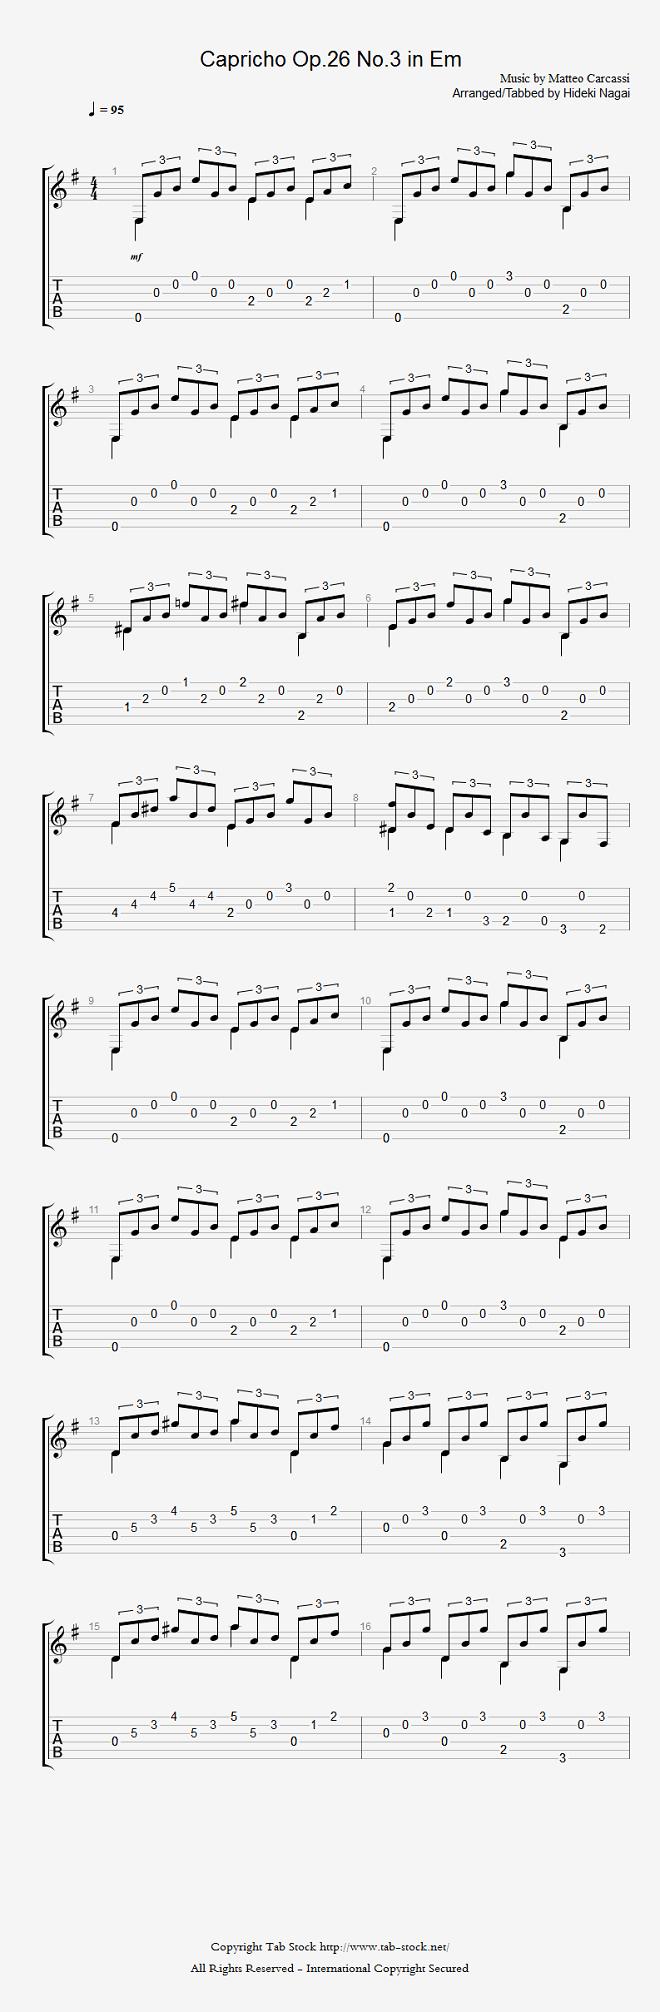 クラシックギター楽譜(タブ譜)初心者・練習曲 カルカッシの6つのカプリース(Op.26 No.3 in Em)1